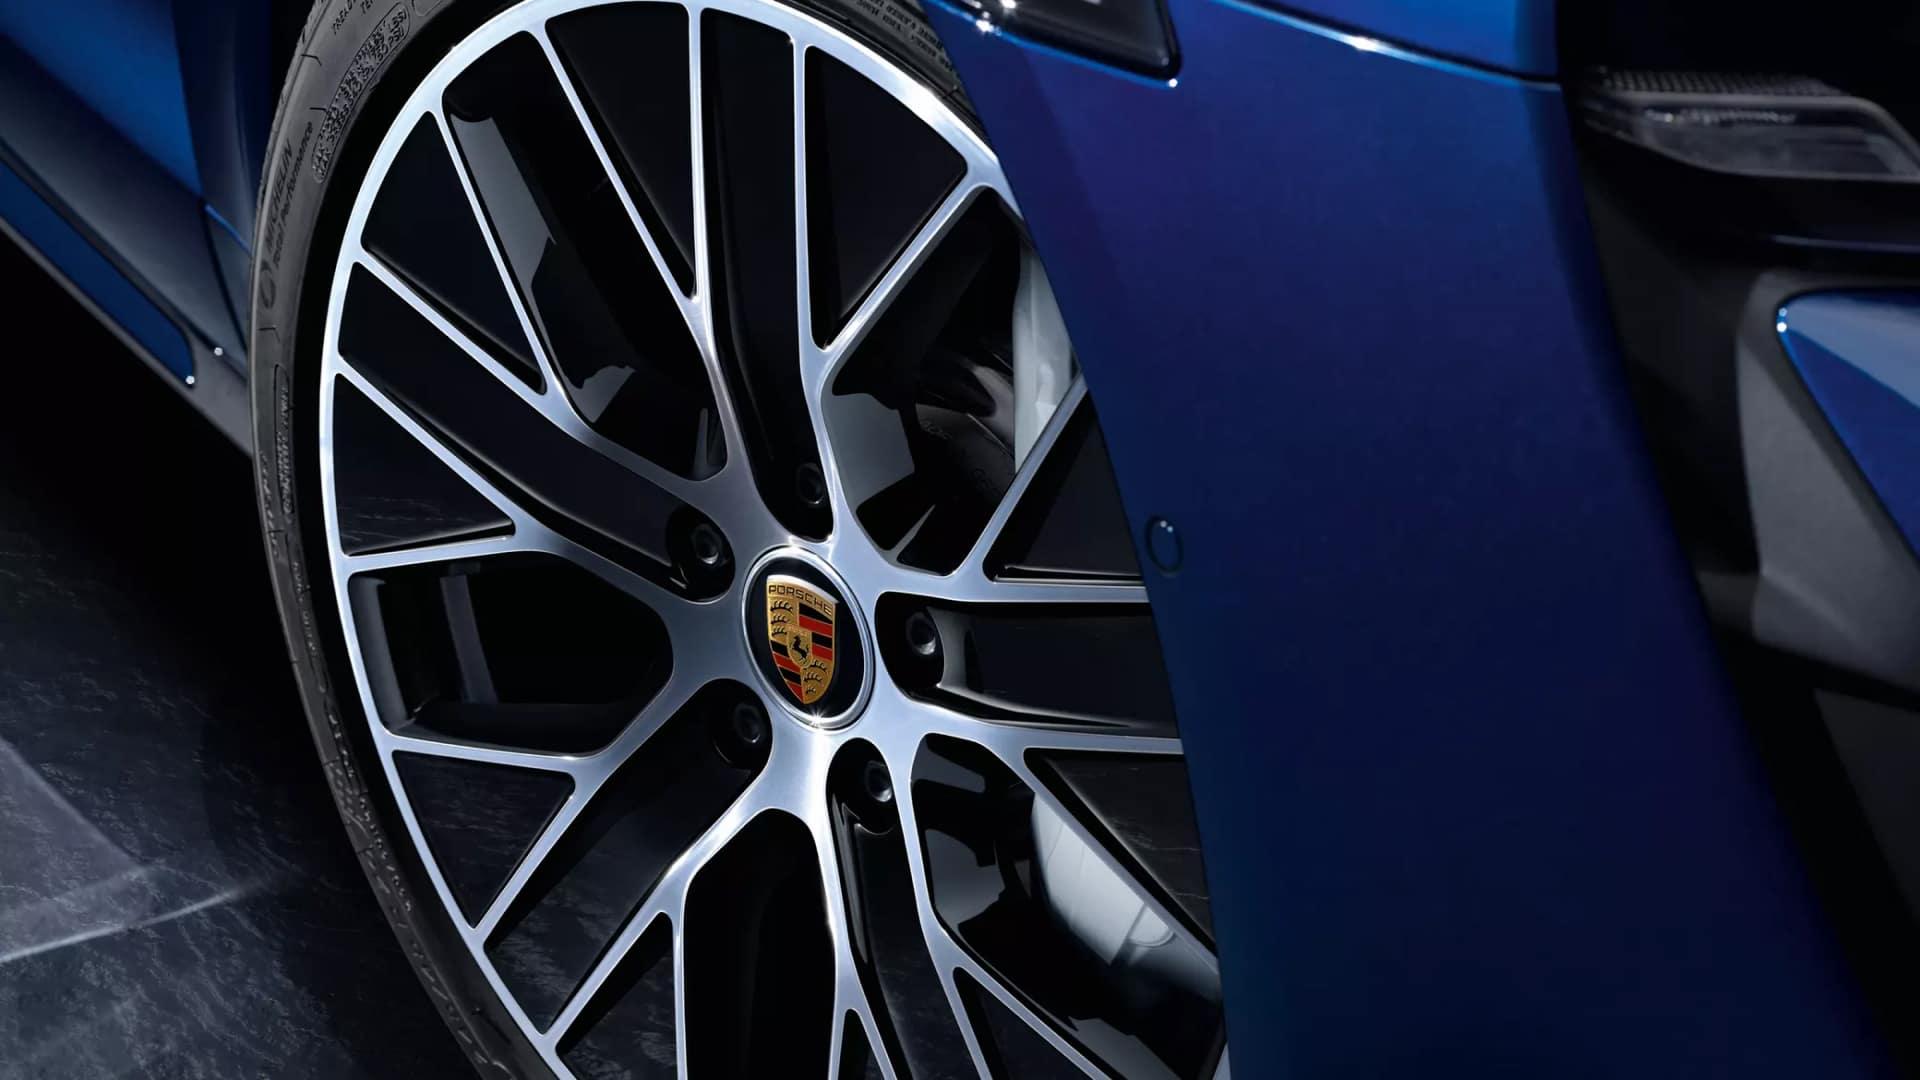 2020 Porsche Taycan Performance